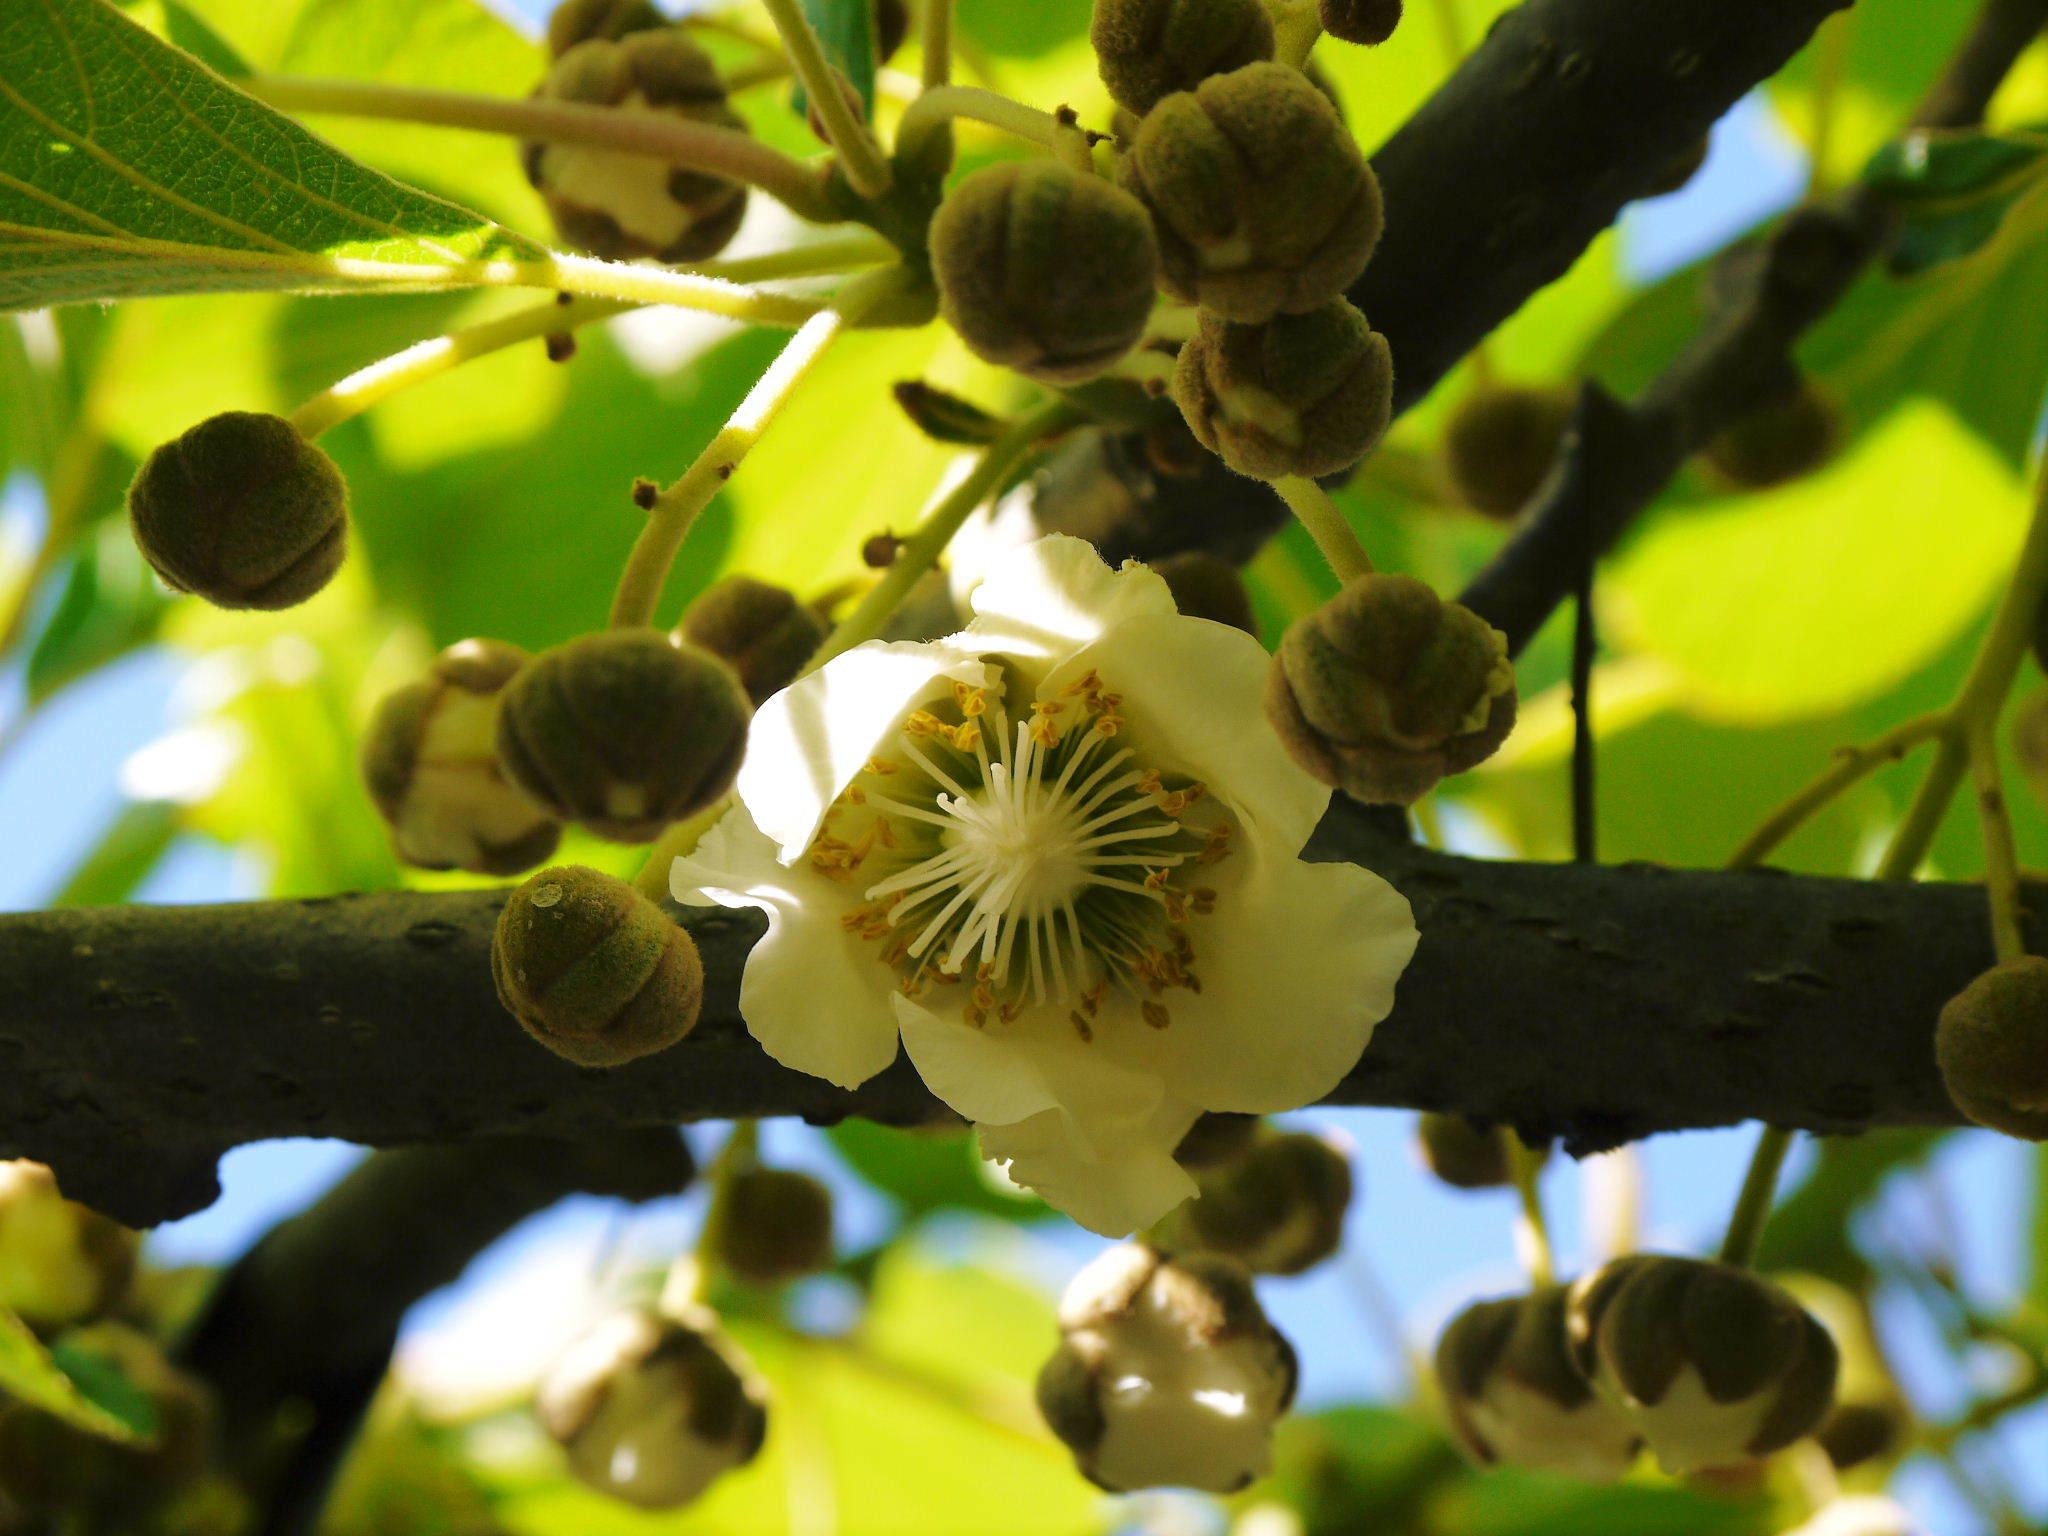 水源キウイ 完全無農薬栽培の熊本産キウイフルーツ!11月下旬の収穫に向け順調に(?)成長中!_a0254656_17551310.jpg